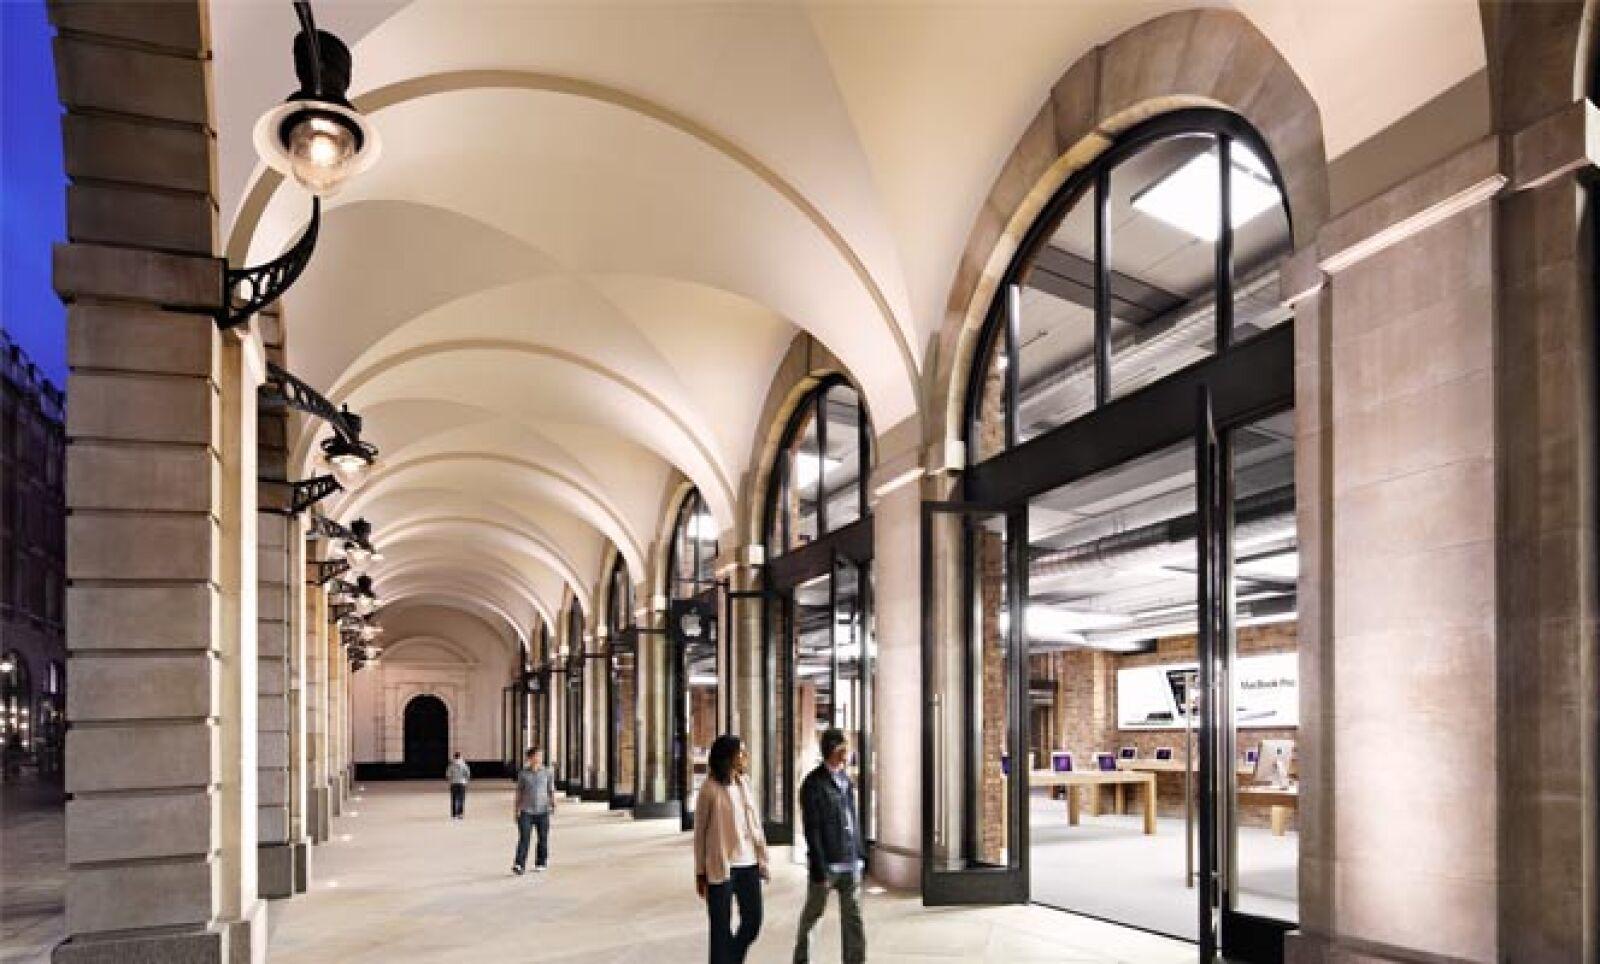 La tecnológica tiene más de 250 tiendas a escala global; en la imagen, la tienda de Covent Garden, de Londres. Esta unidad es la que más ingresos le genera a la firma.